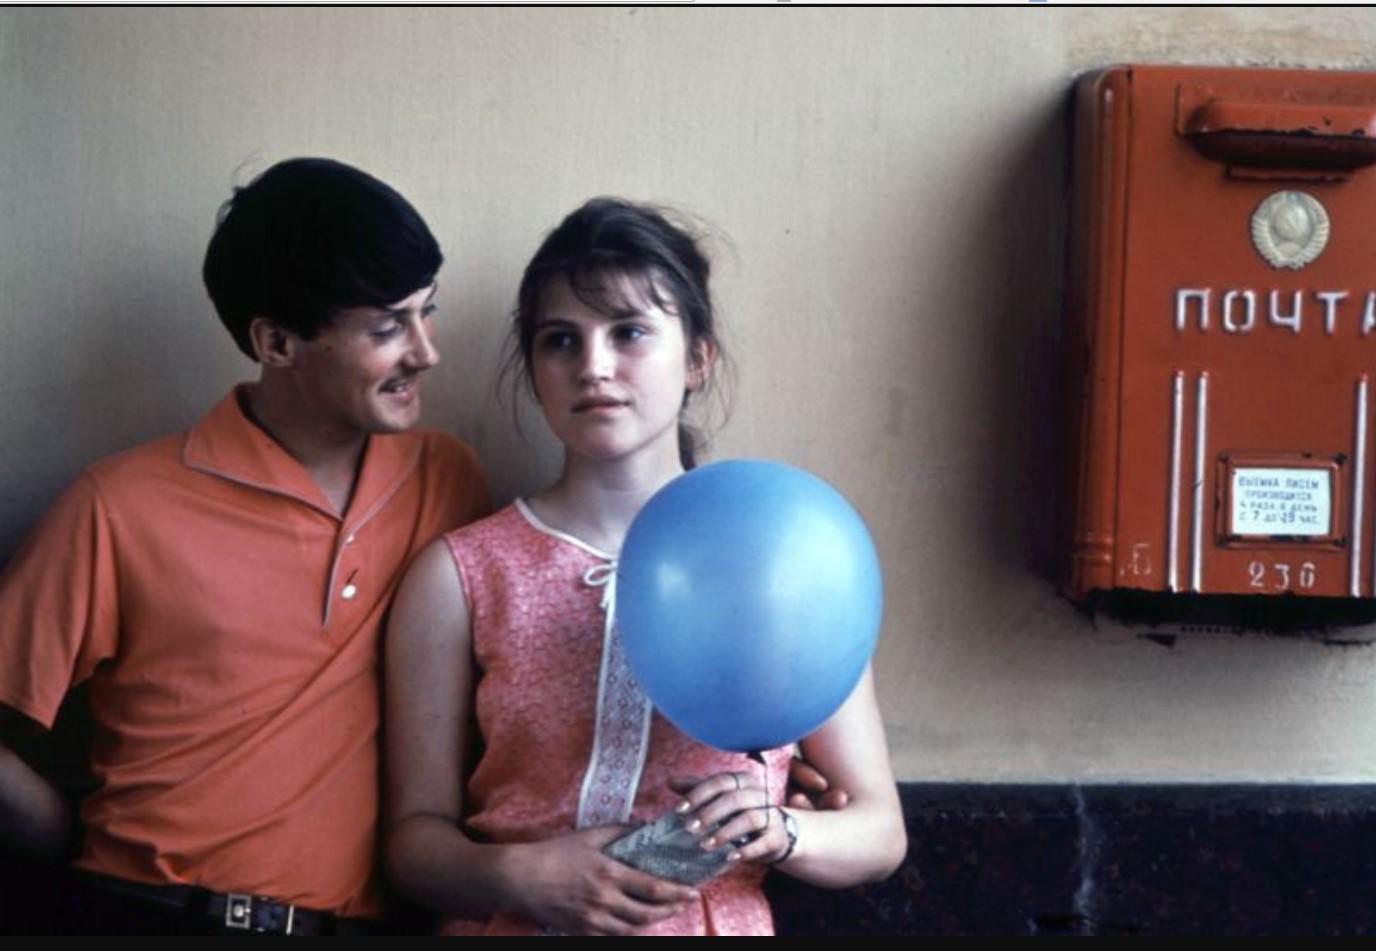 Молодая пара рядом с почтовым ящиком